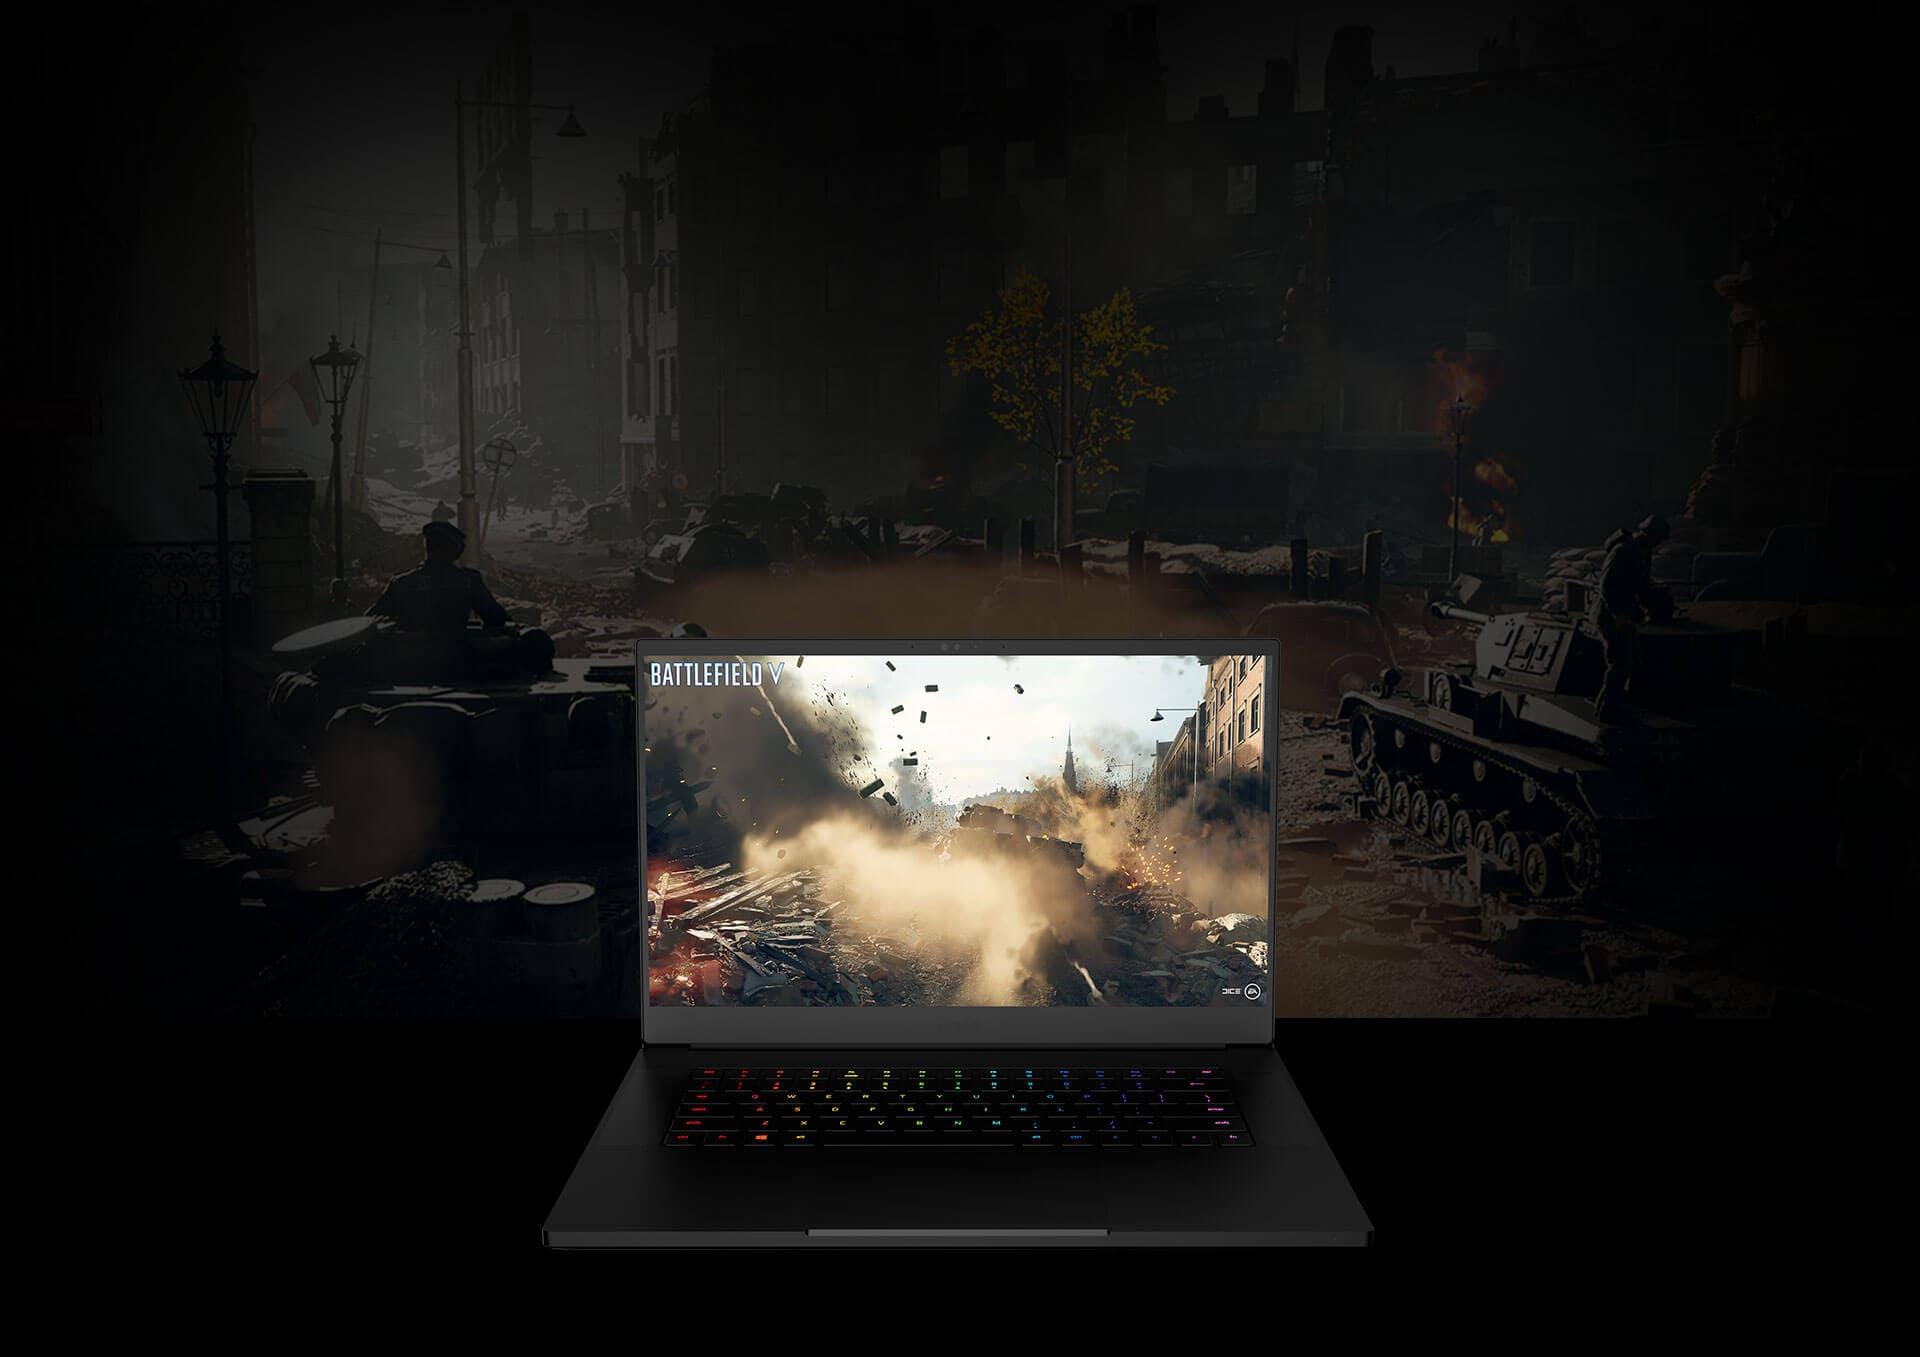 Kompromisslos mit Intel i7 Prozessoren und NVIDIA RTX Grafikkarten